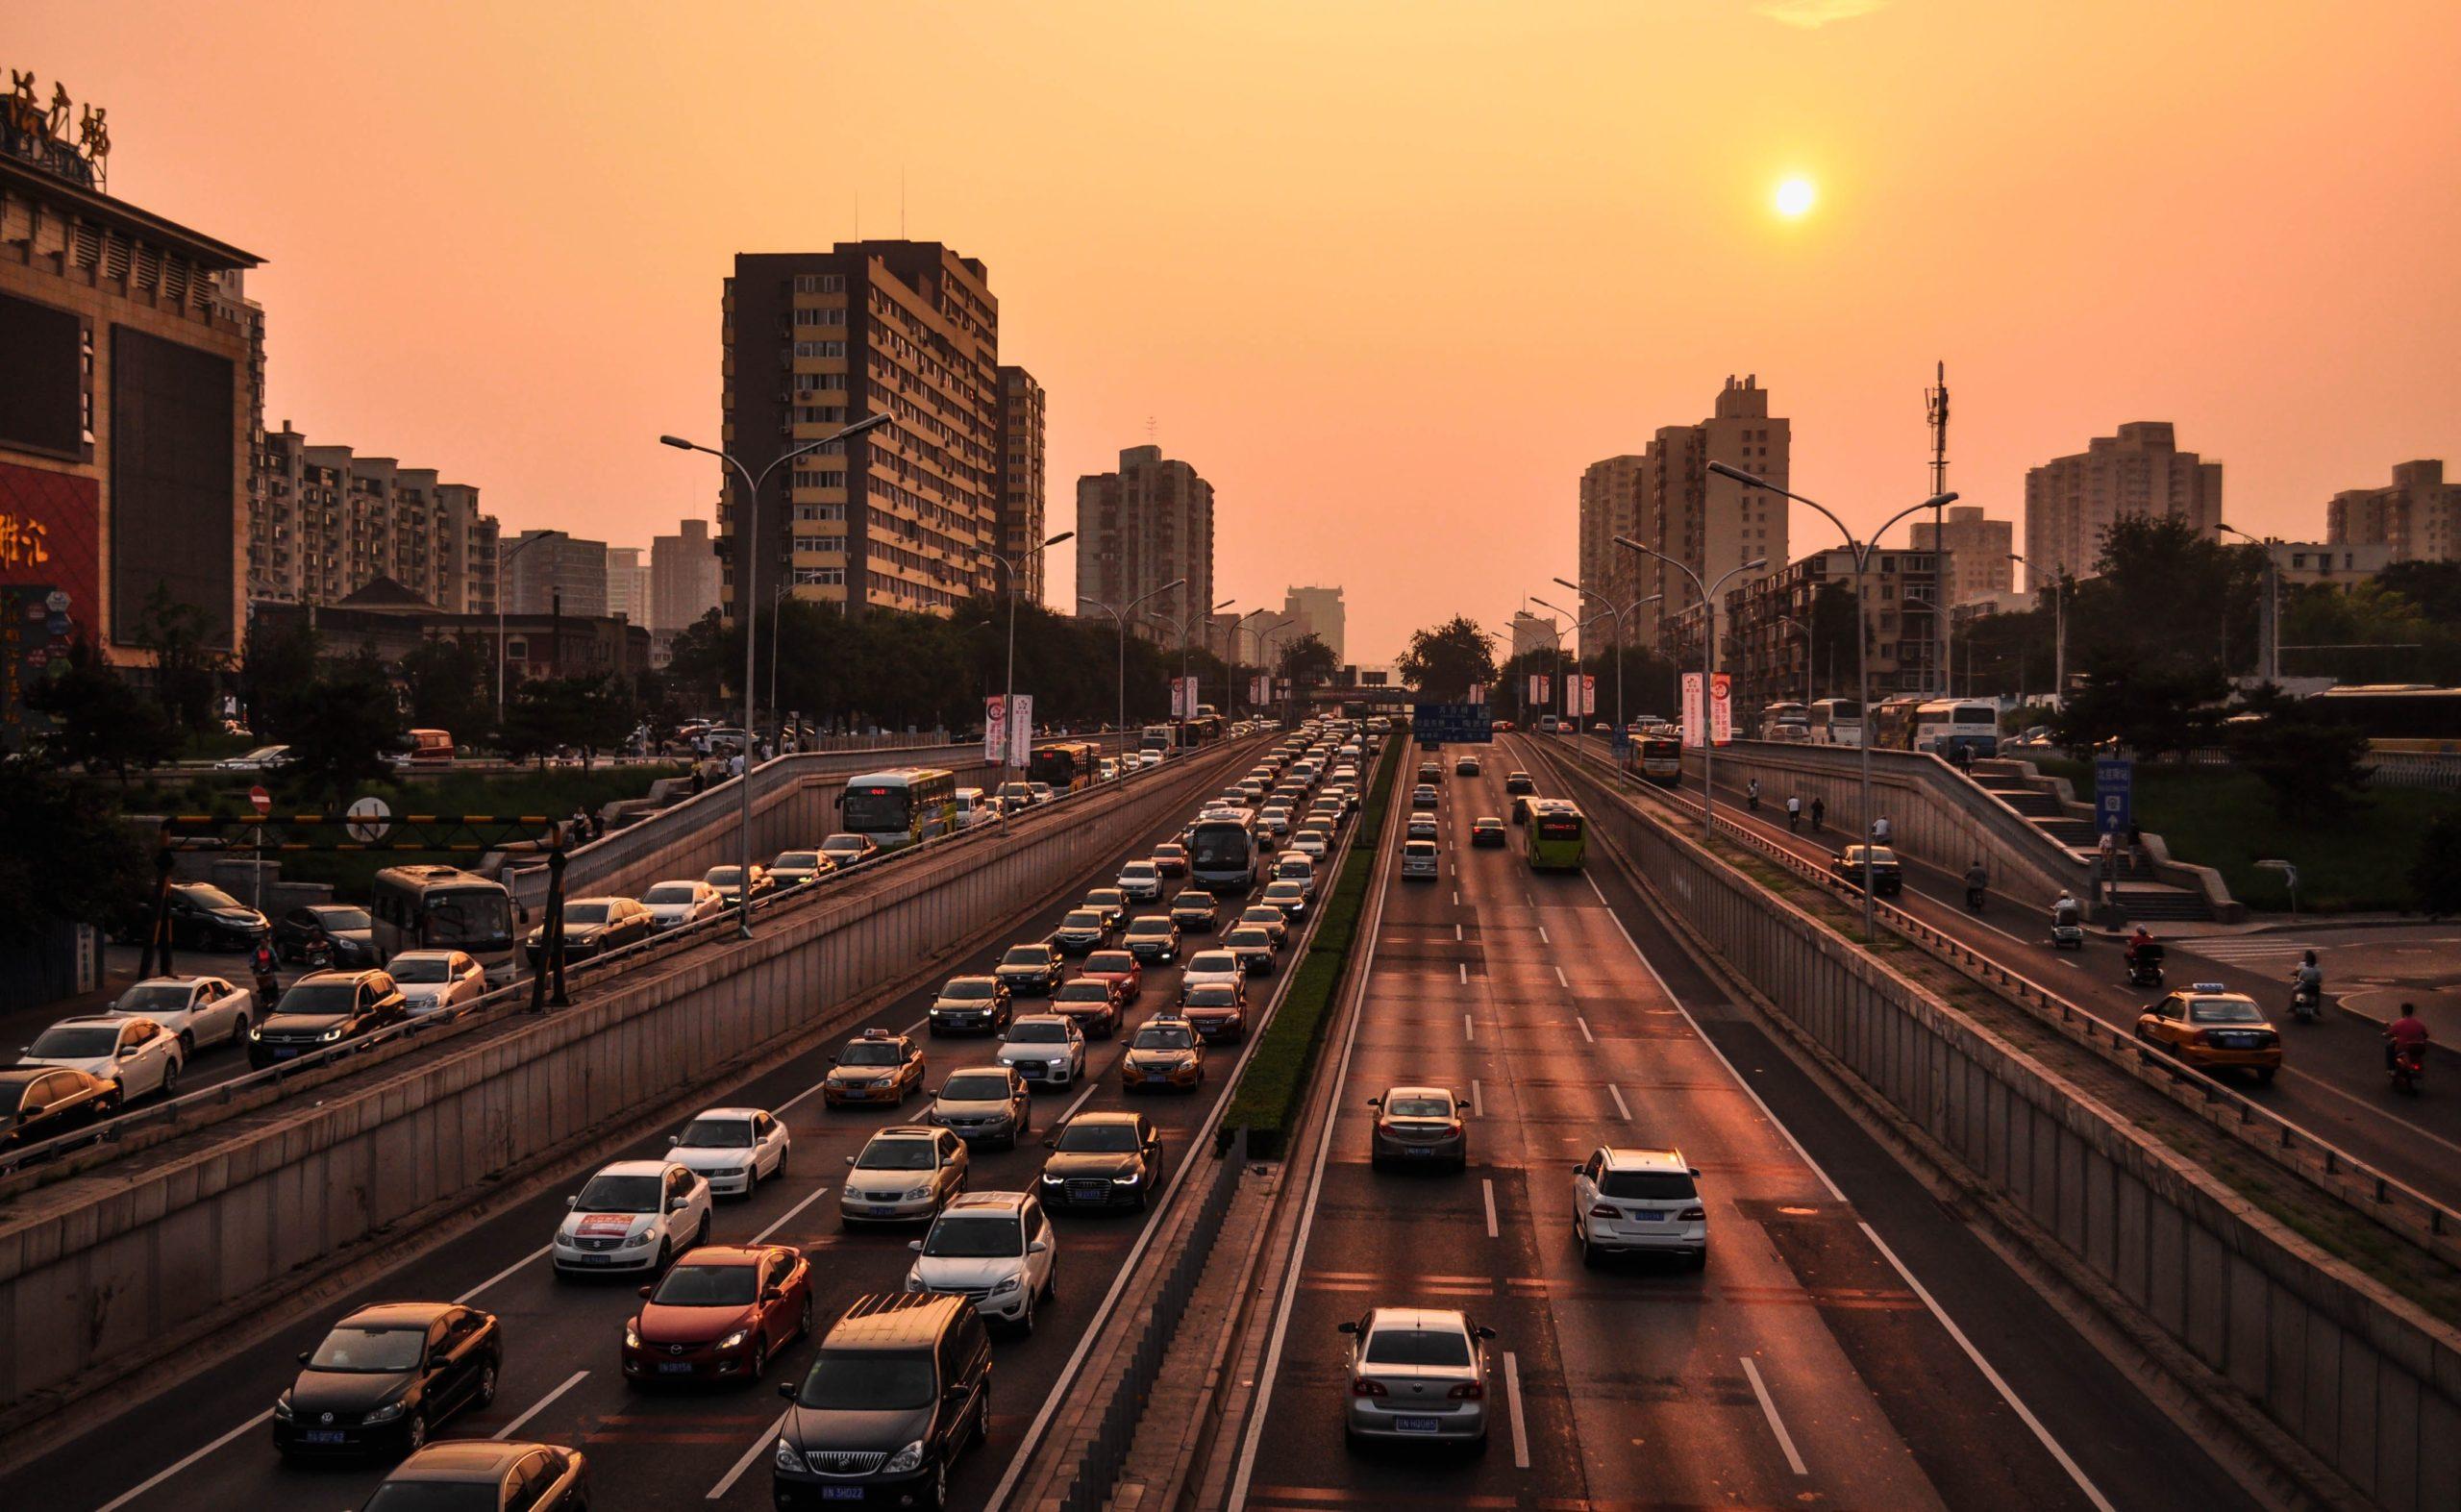 Czy sztuczna inteligencja może zamienić całe miasto w wielki fotoradar?